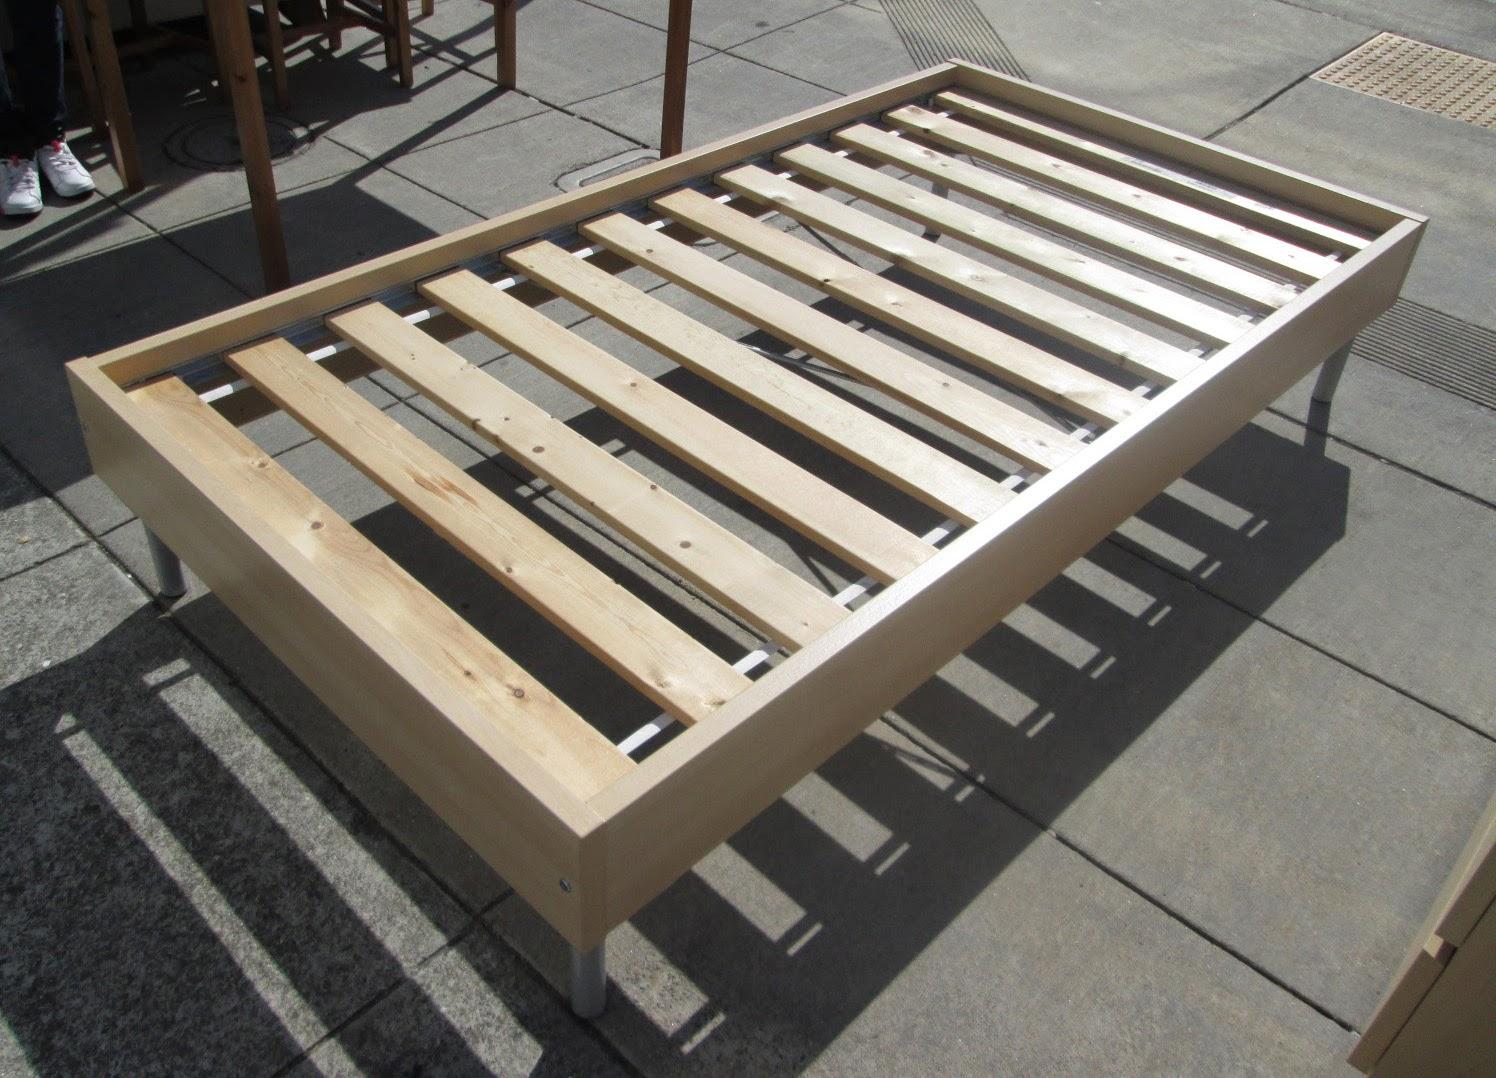 Ikea Plattform Bett Ikea Malm Queen Platform Bed With